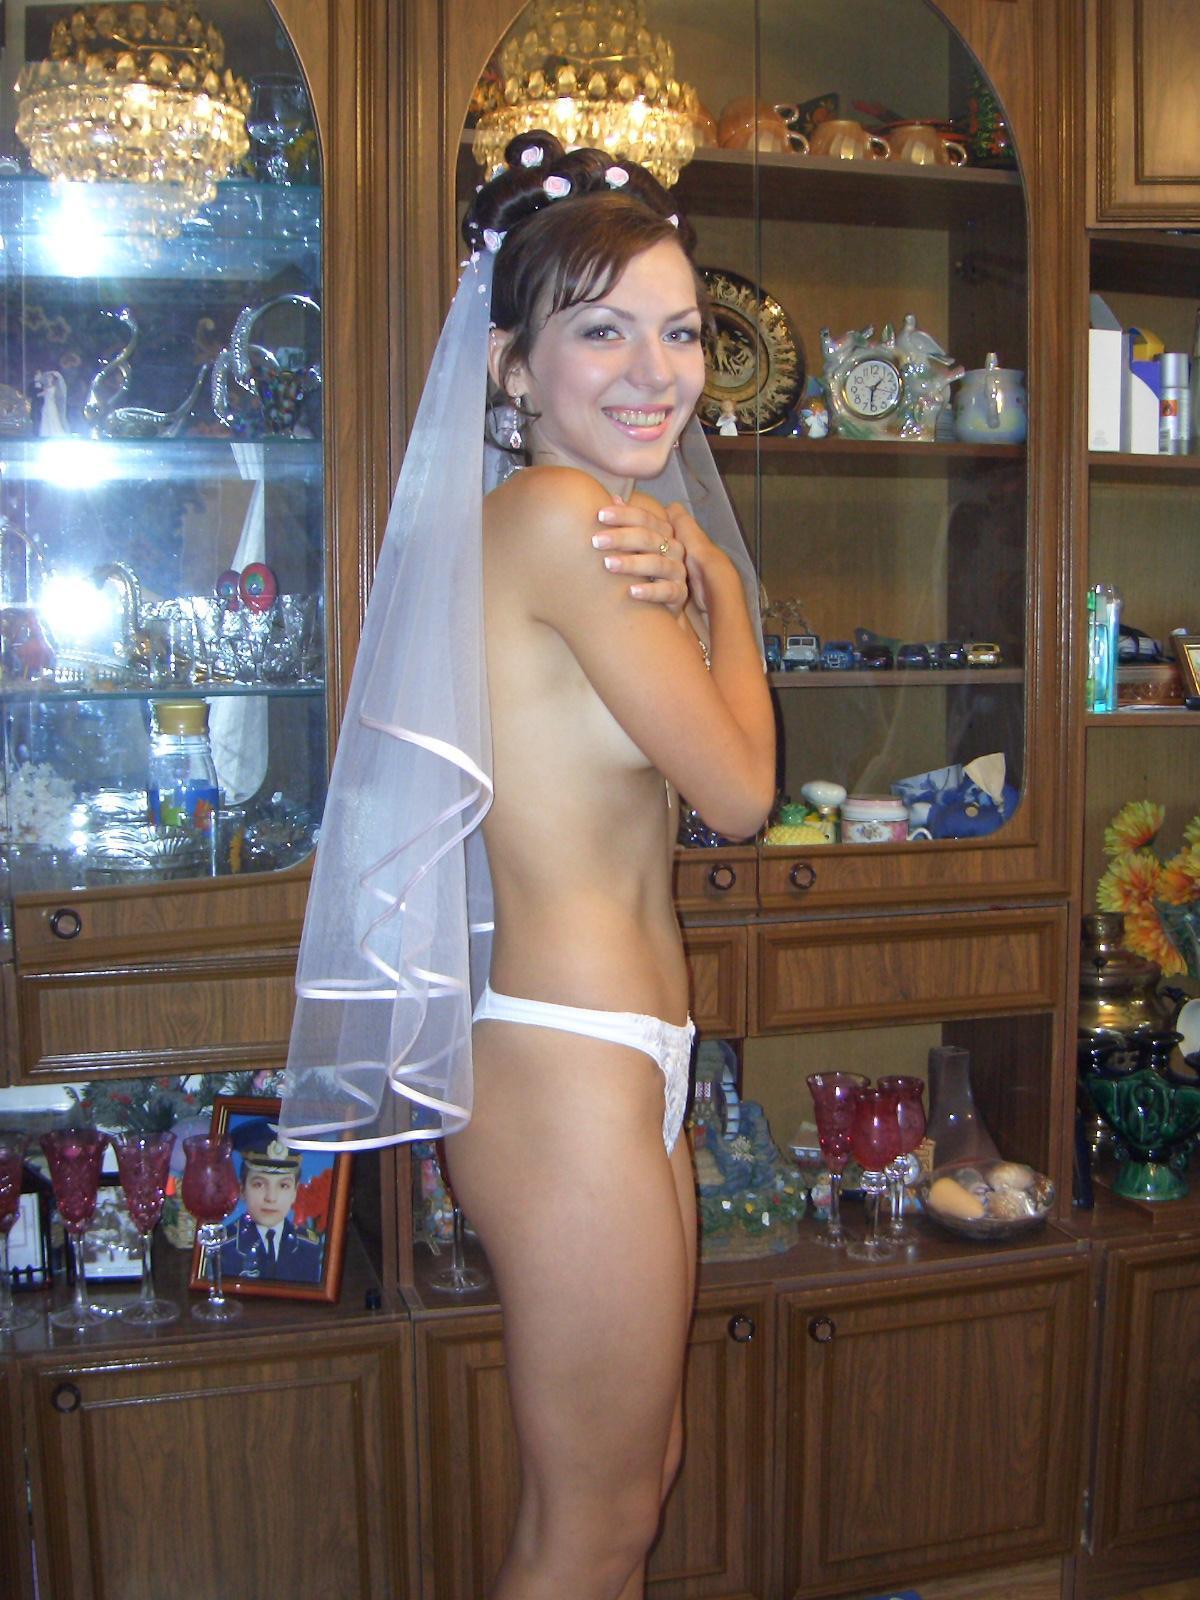 Случайные голые фото на свадьбе 7 фотография